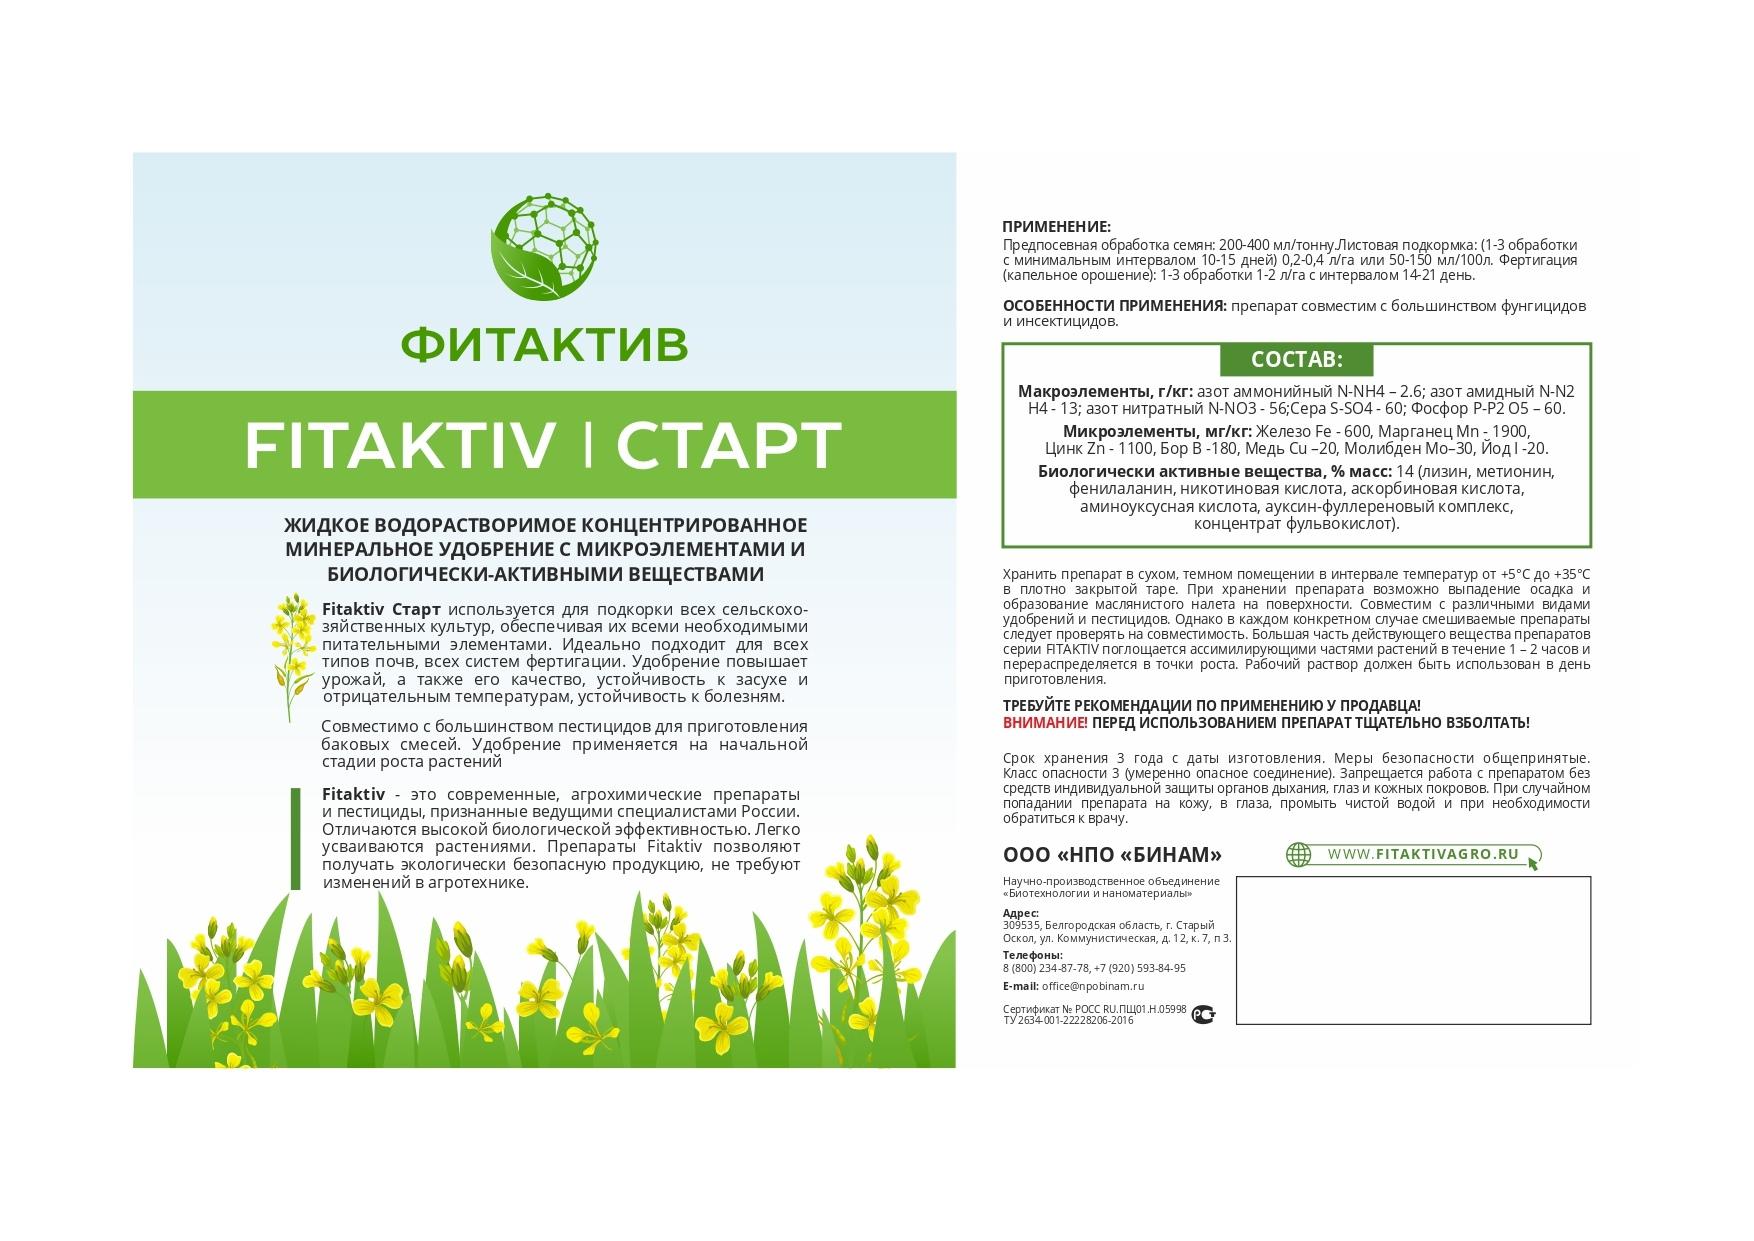 Разработка дизайна этикеток для продуктов FITAKTIV